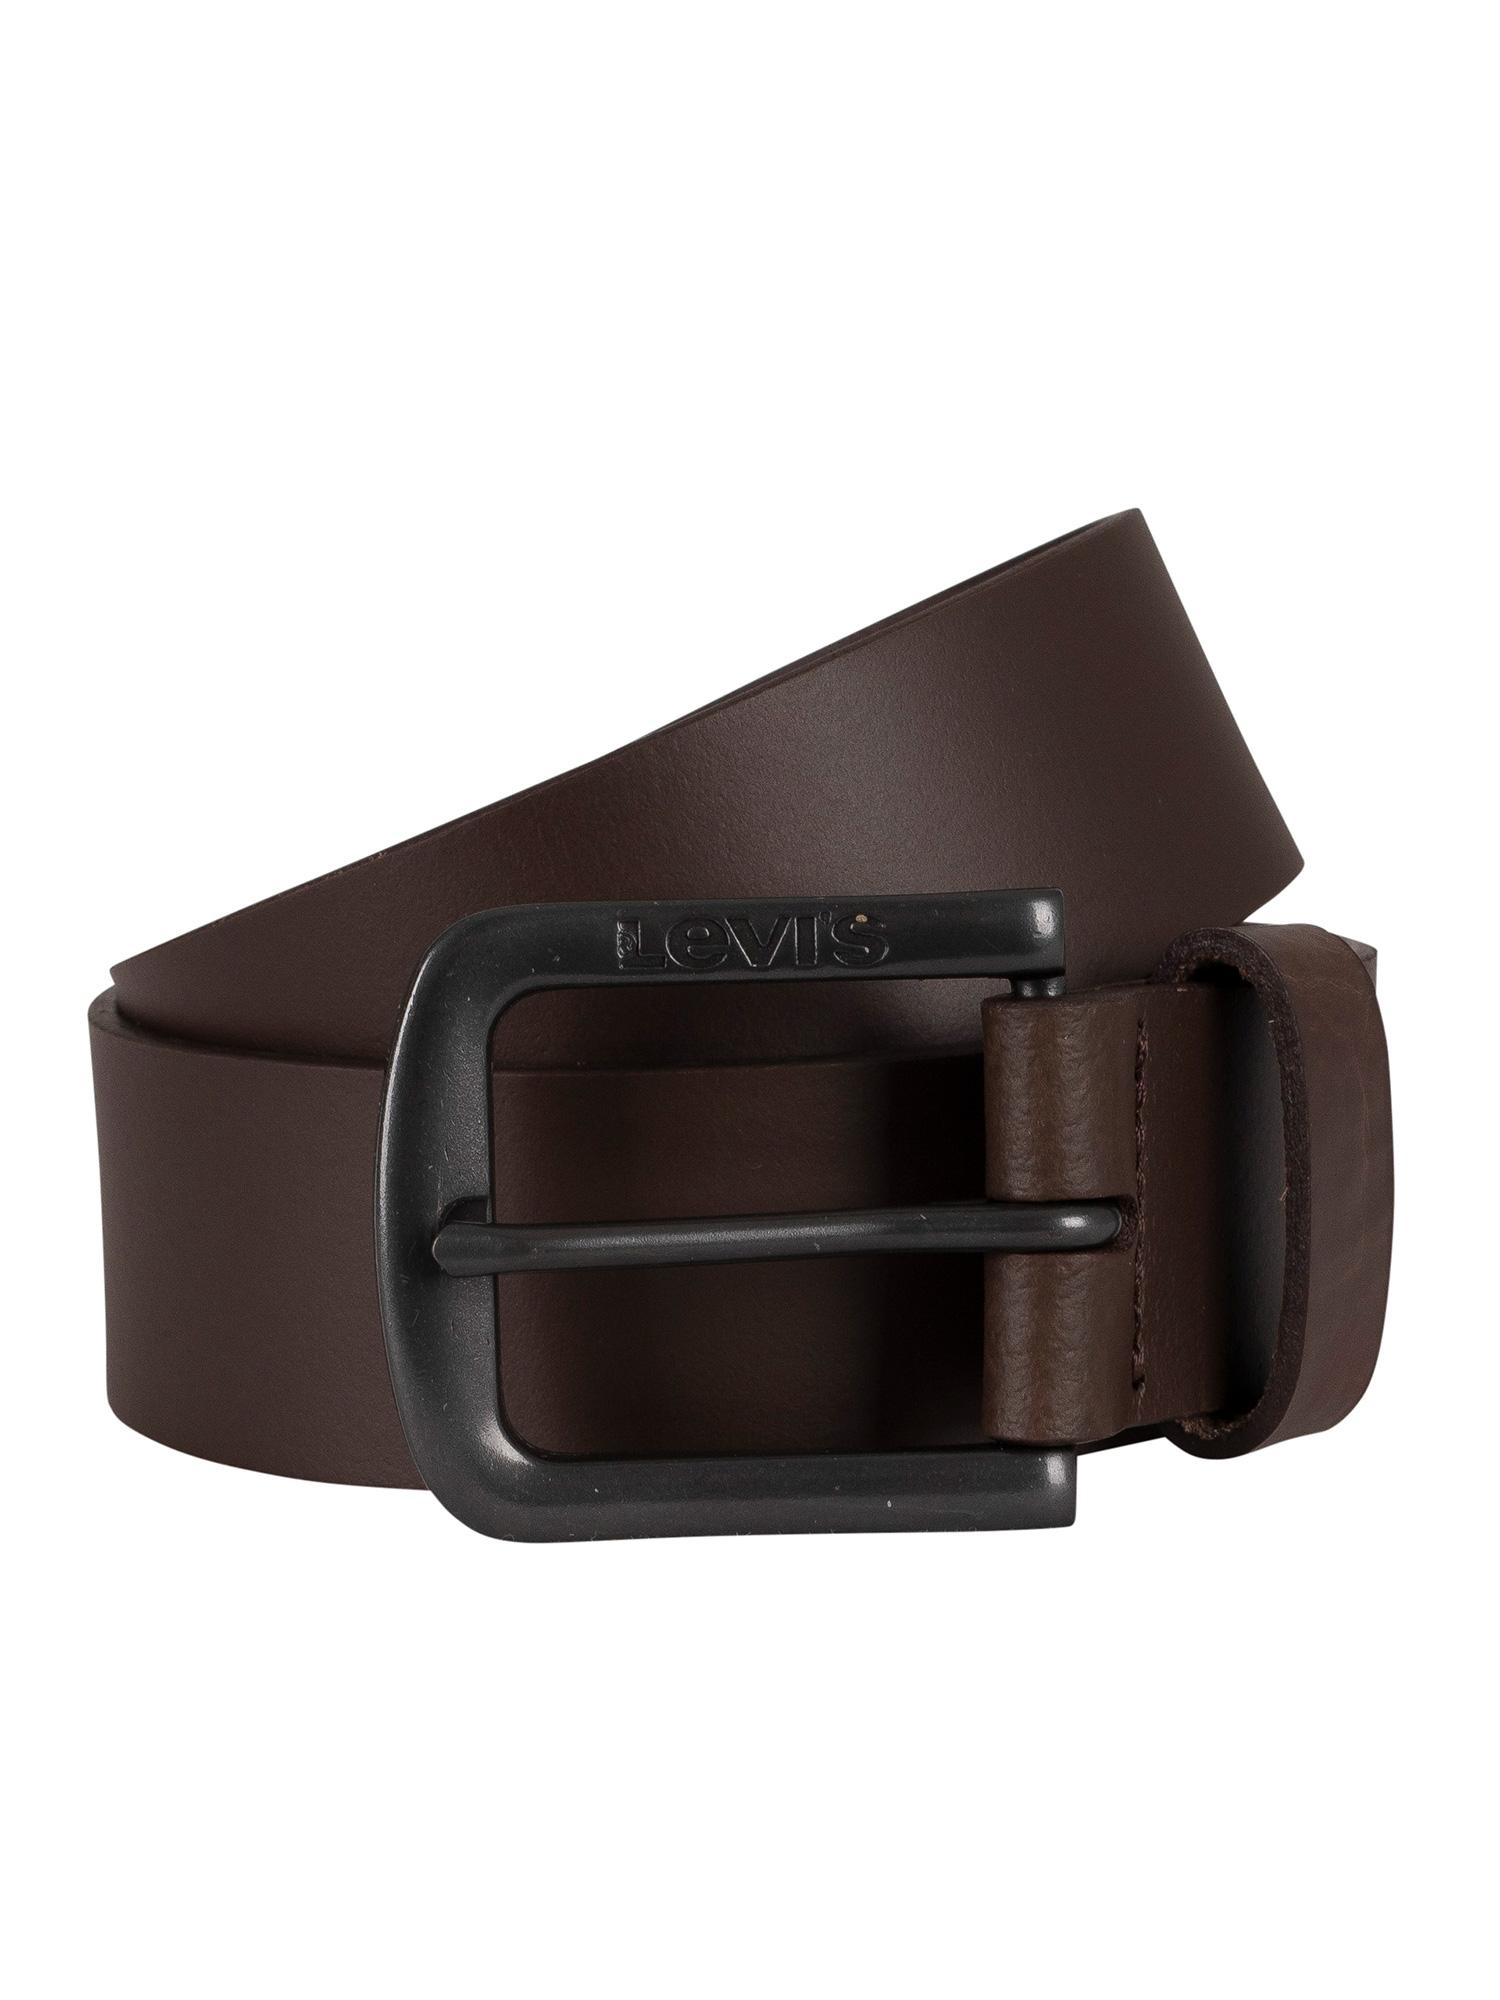 Seine Metal Belt